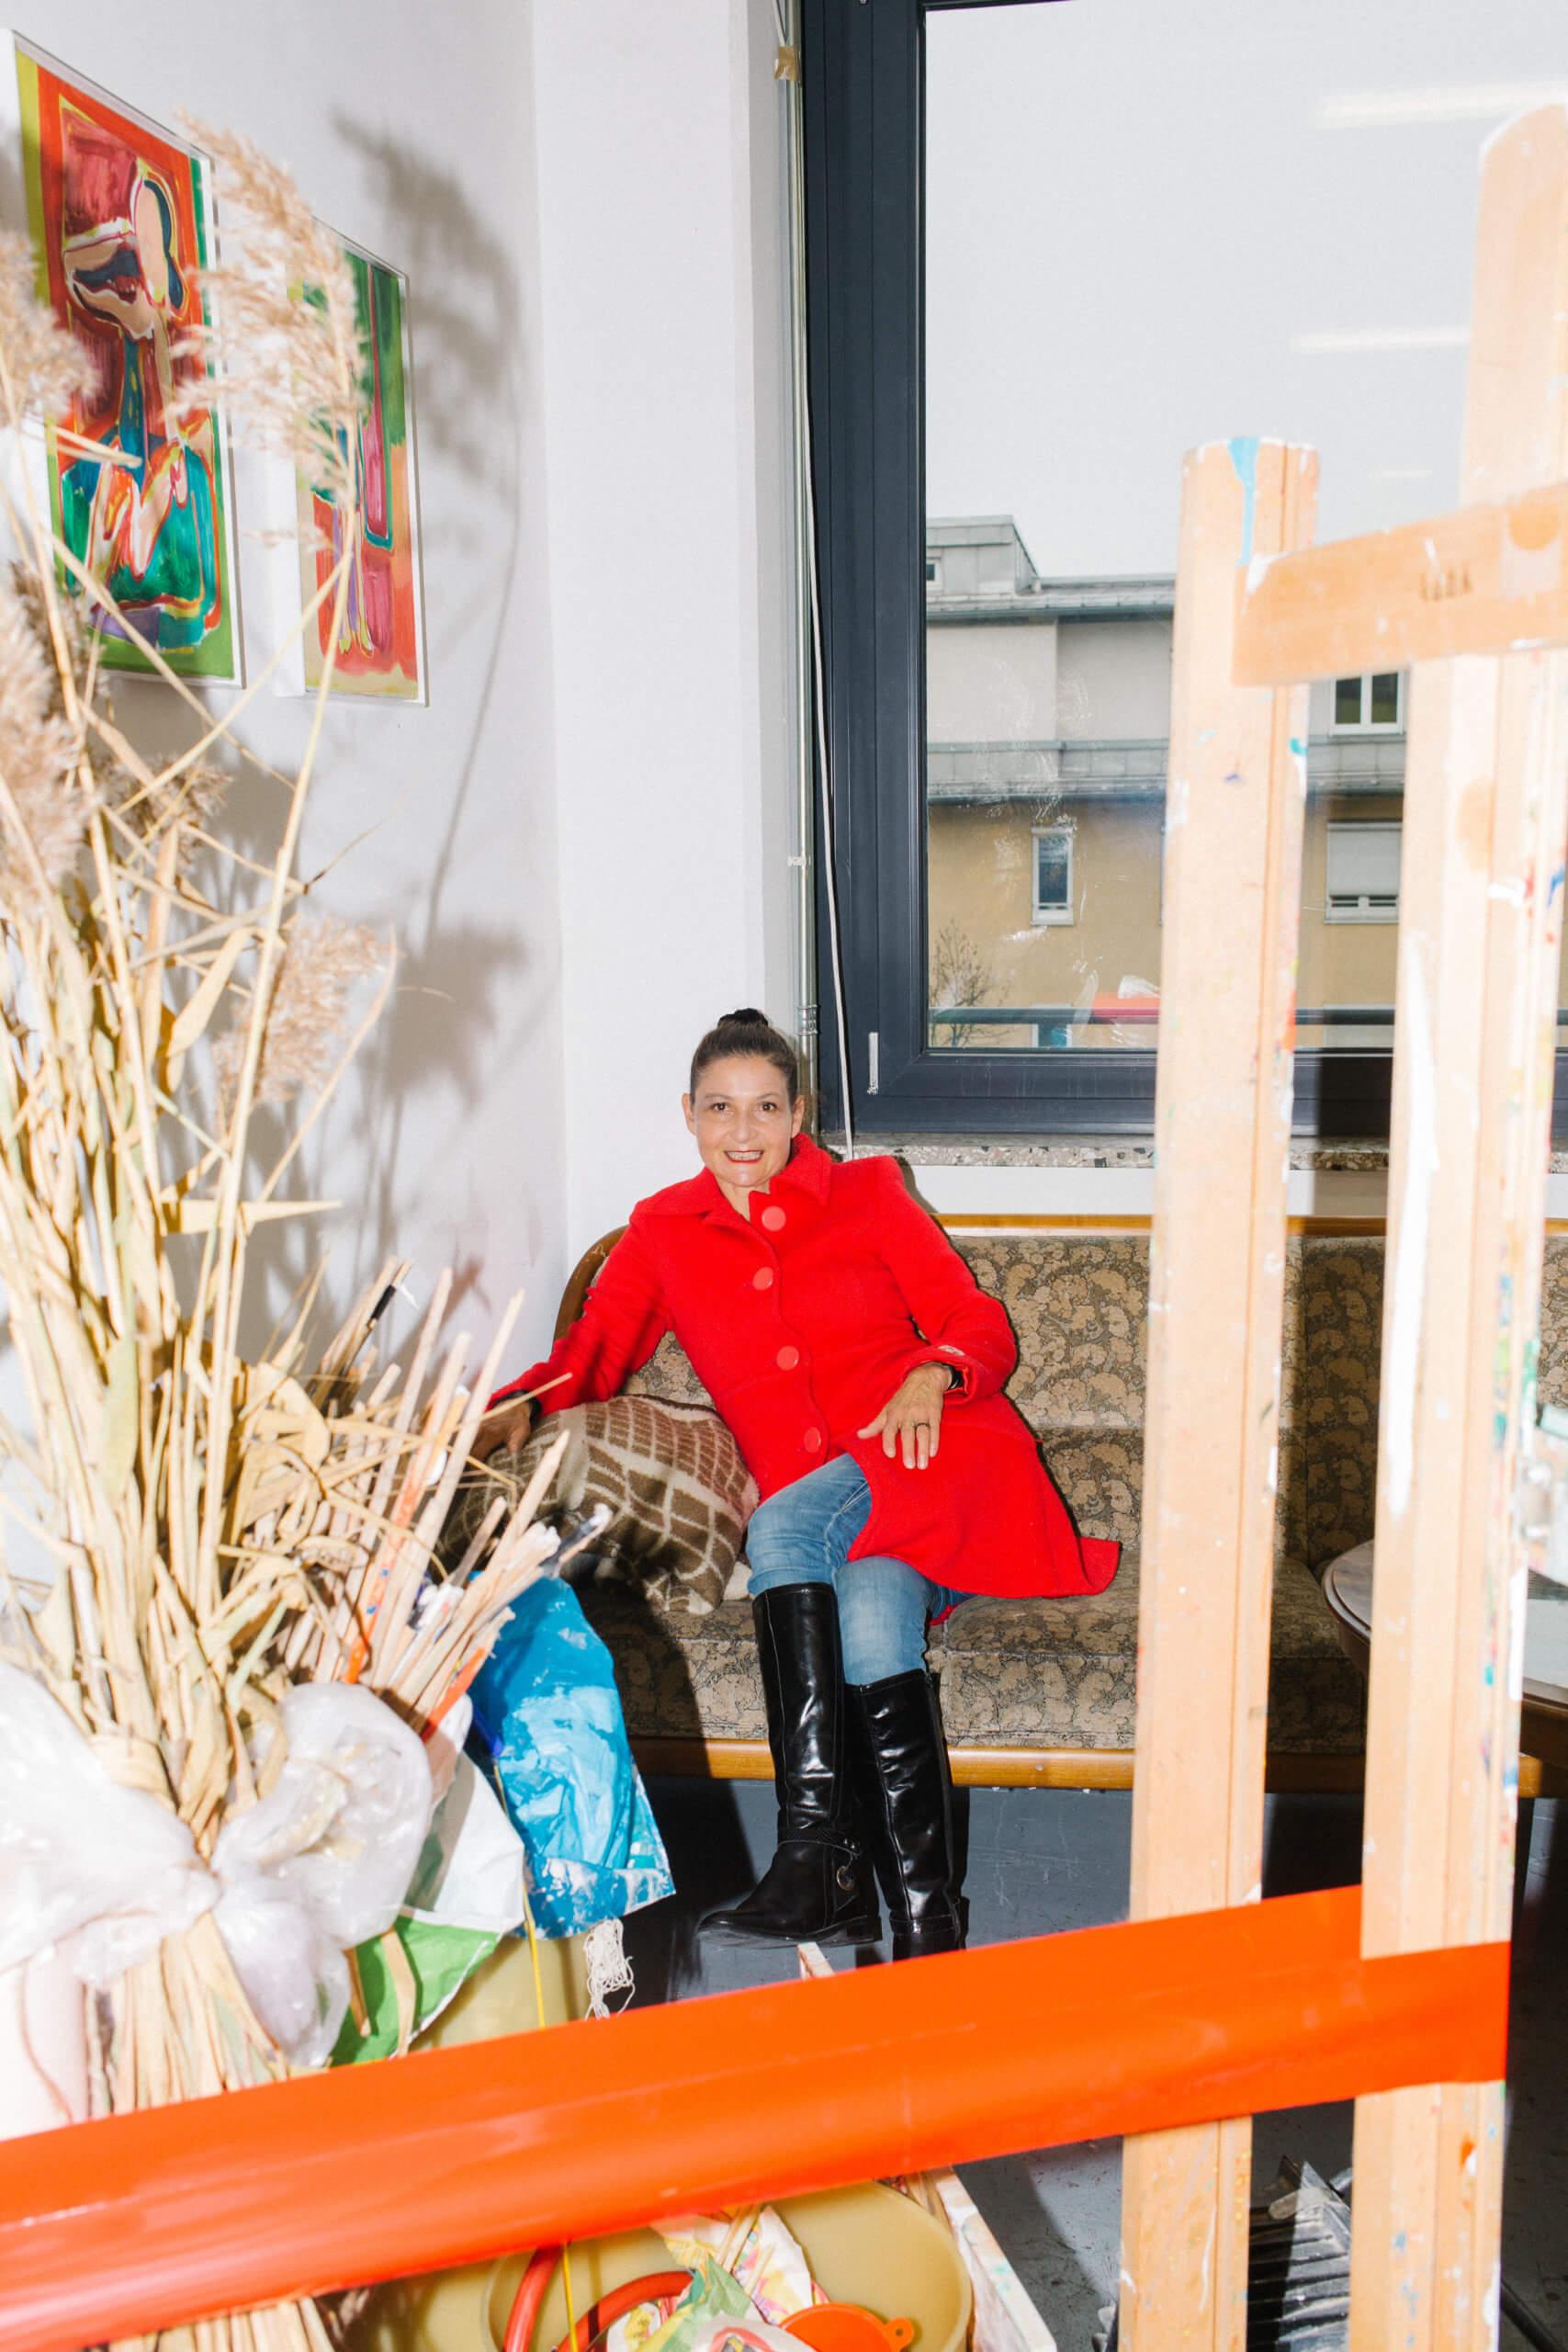 Porträt der Künstlerin in ihrem Atelier. Sie sitzt mit roten Mantel auf ihrer Couch. Im Vordergrund sind Teile ihrer Installation